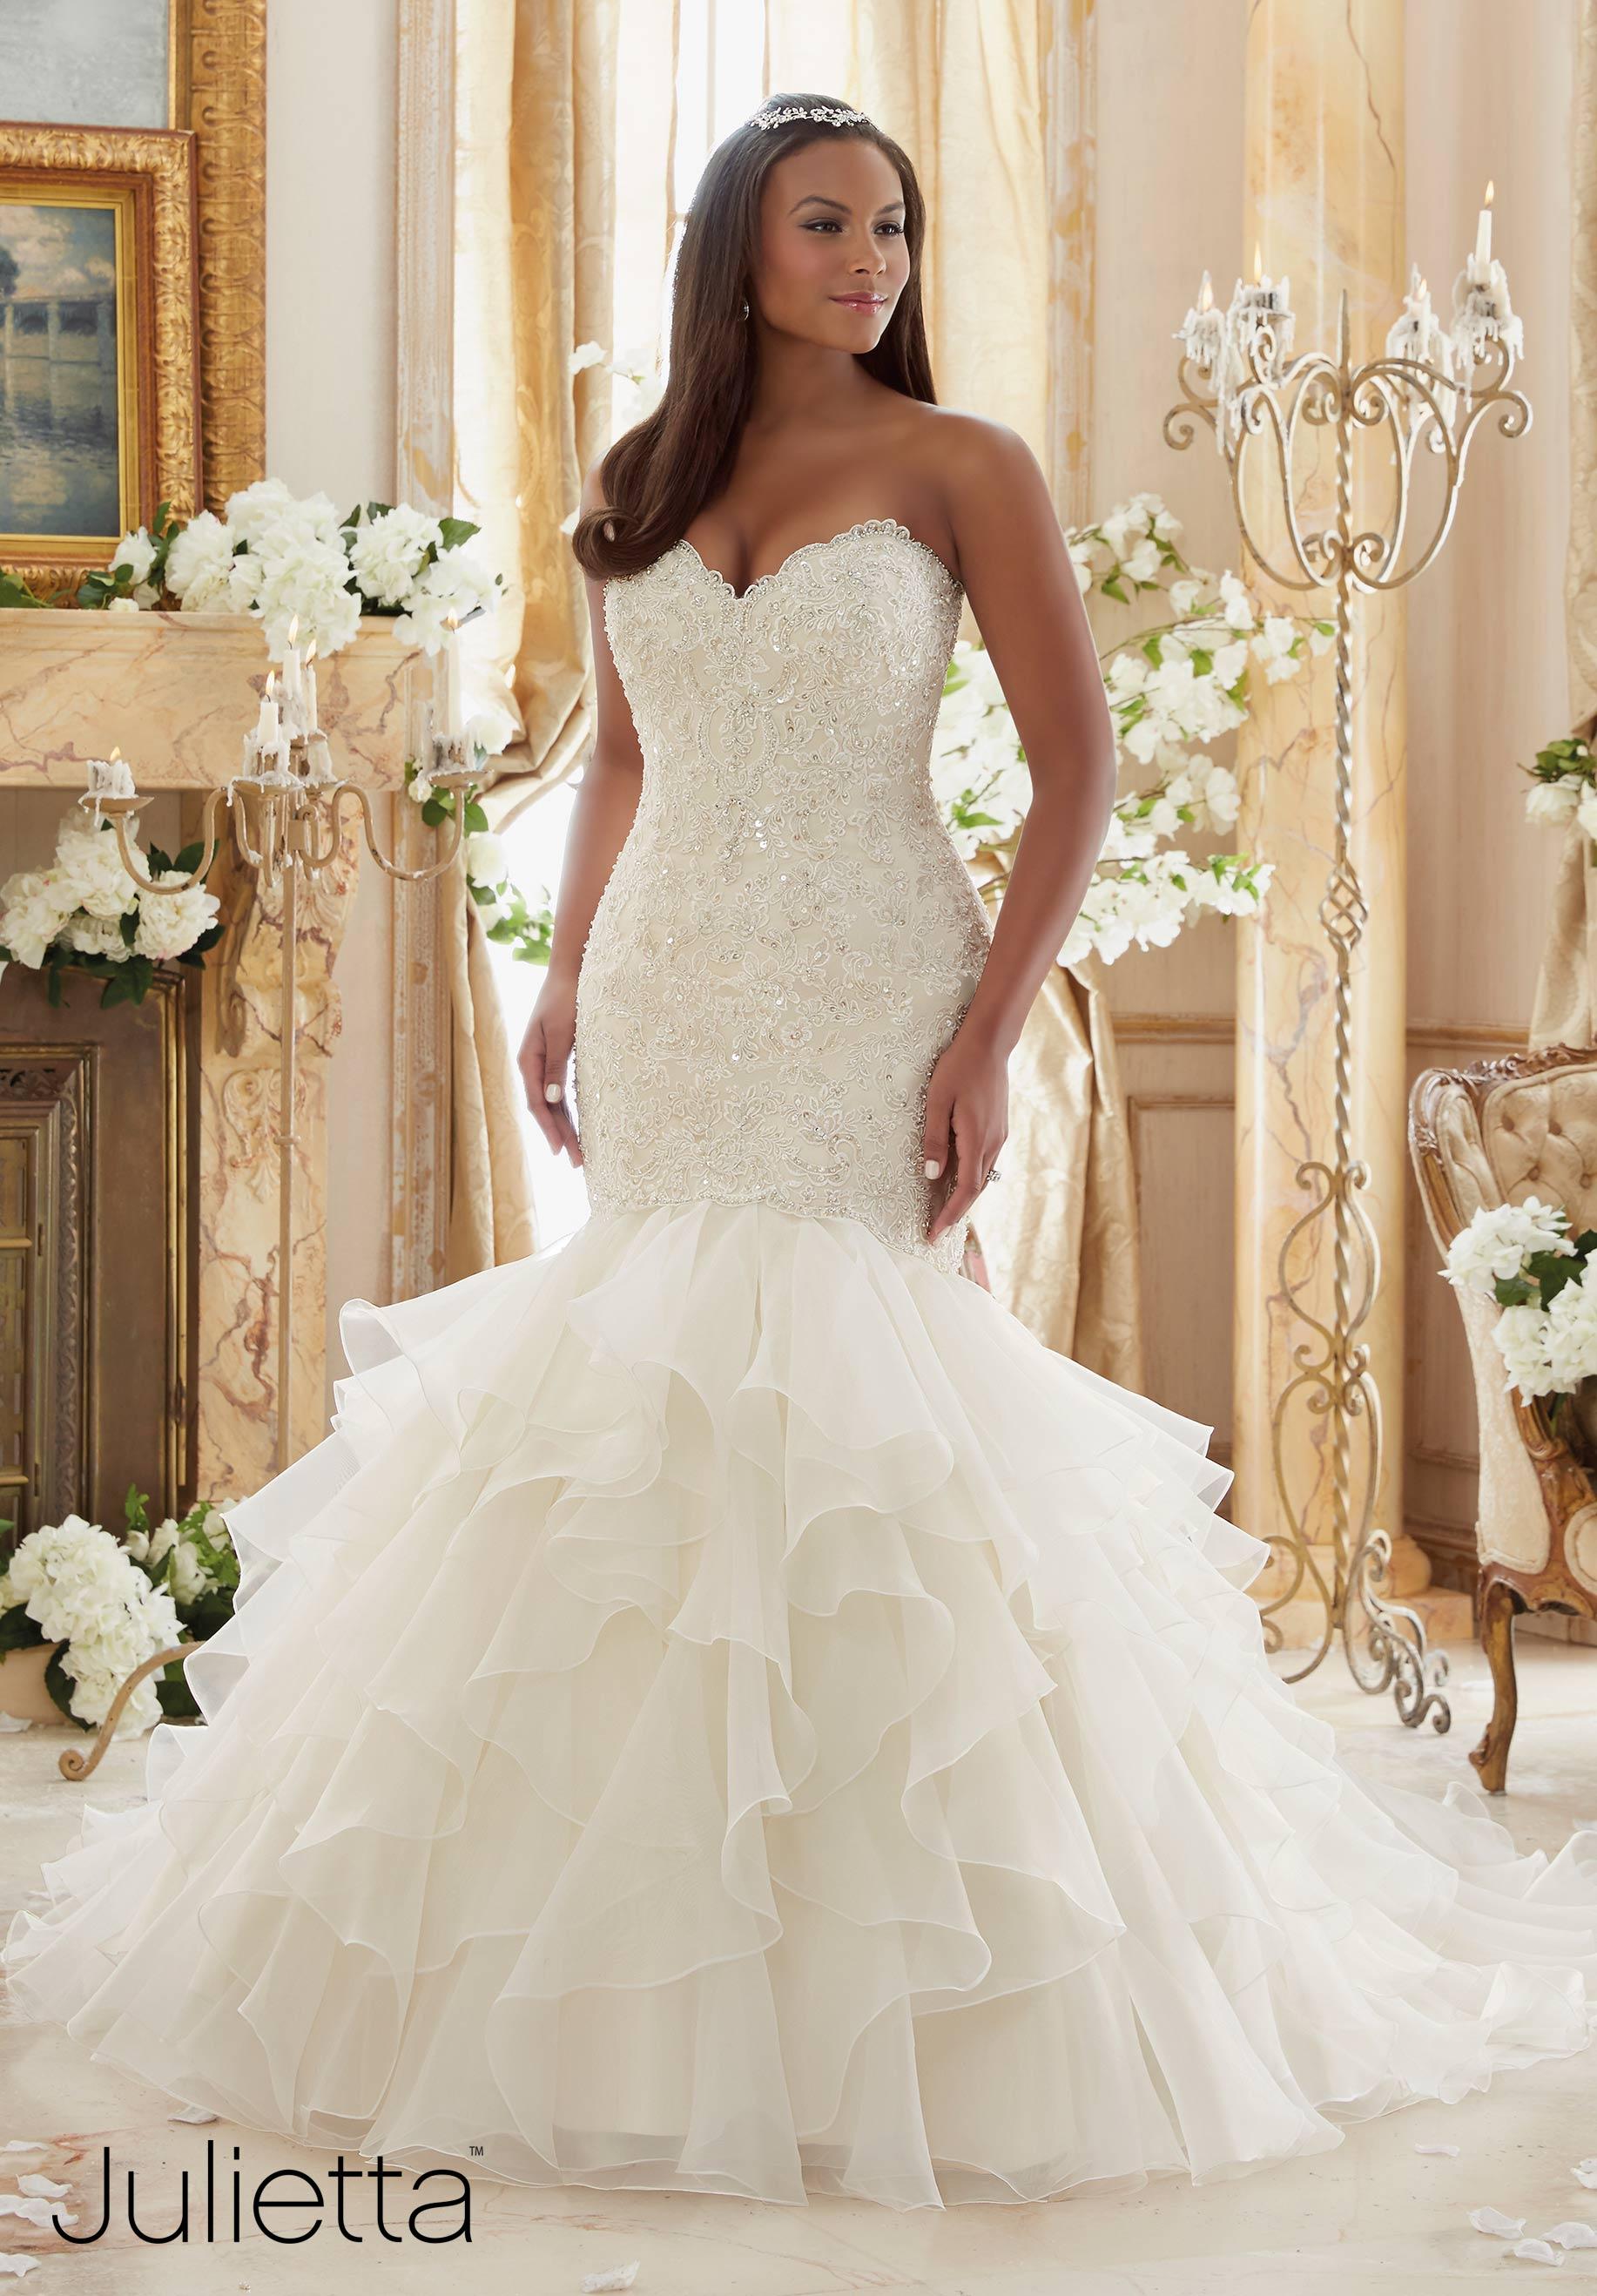 6dad6a3e78a5 Lazaro Wedding Dresses In Houston Tx